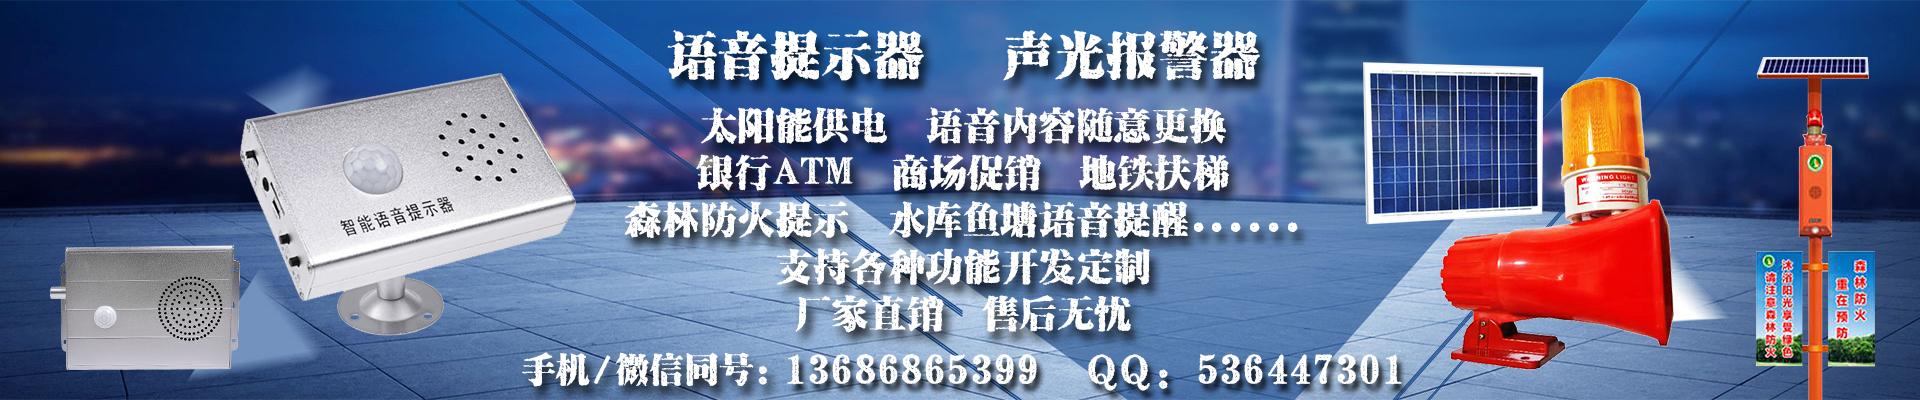 深圳市诚汇科技有限公司